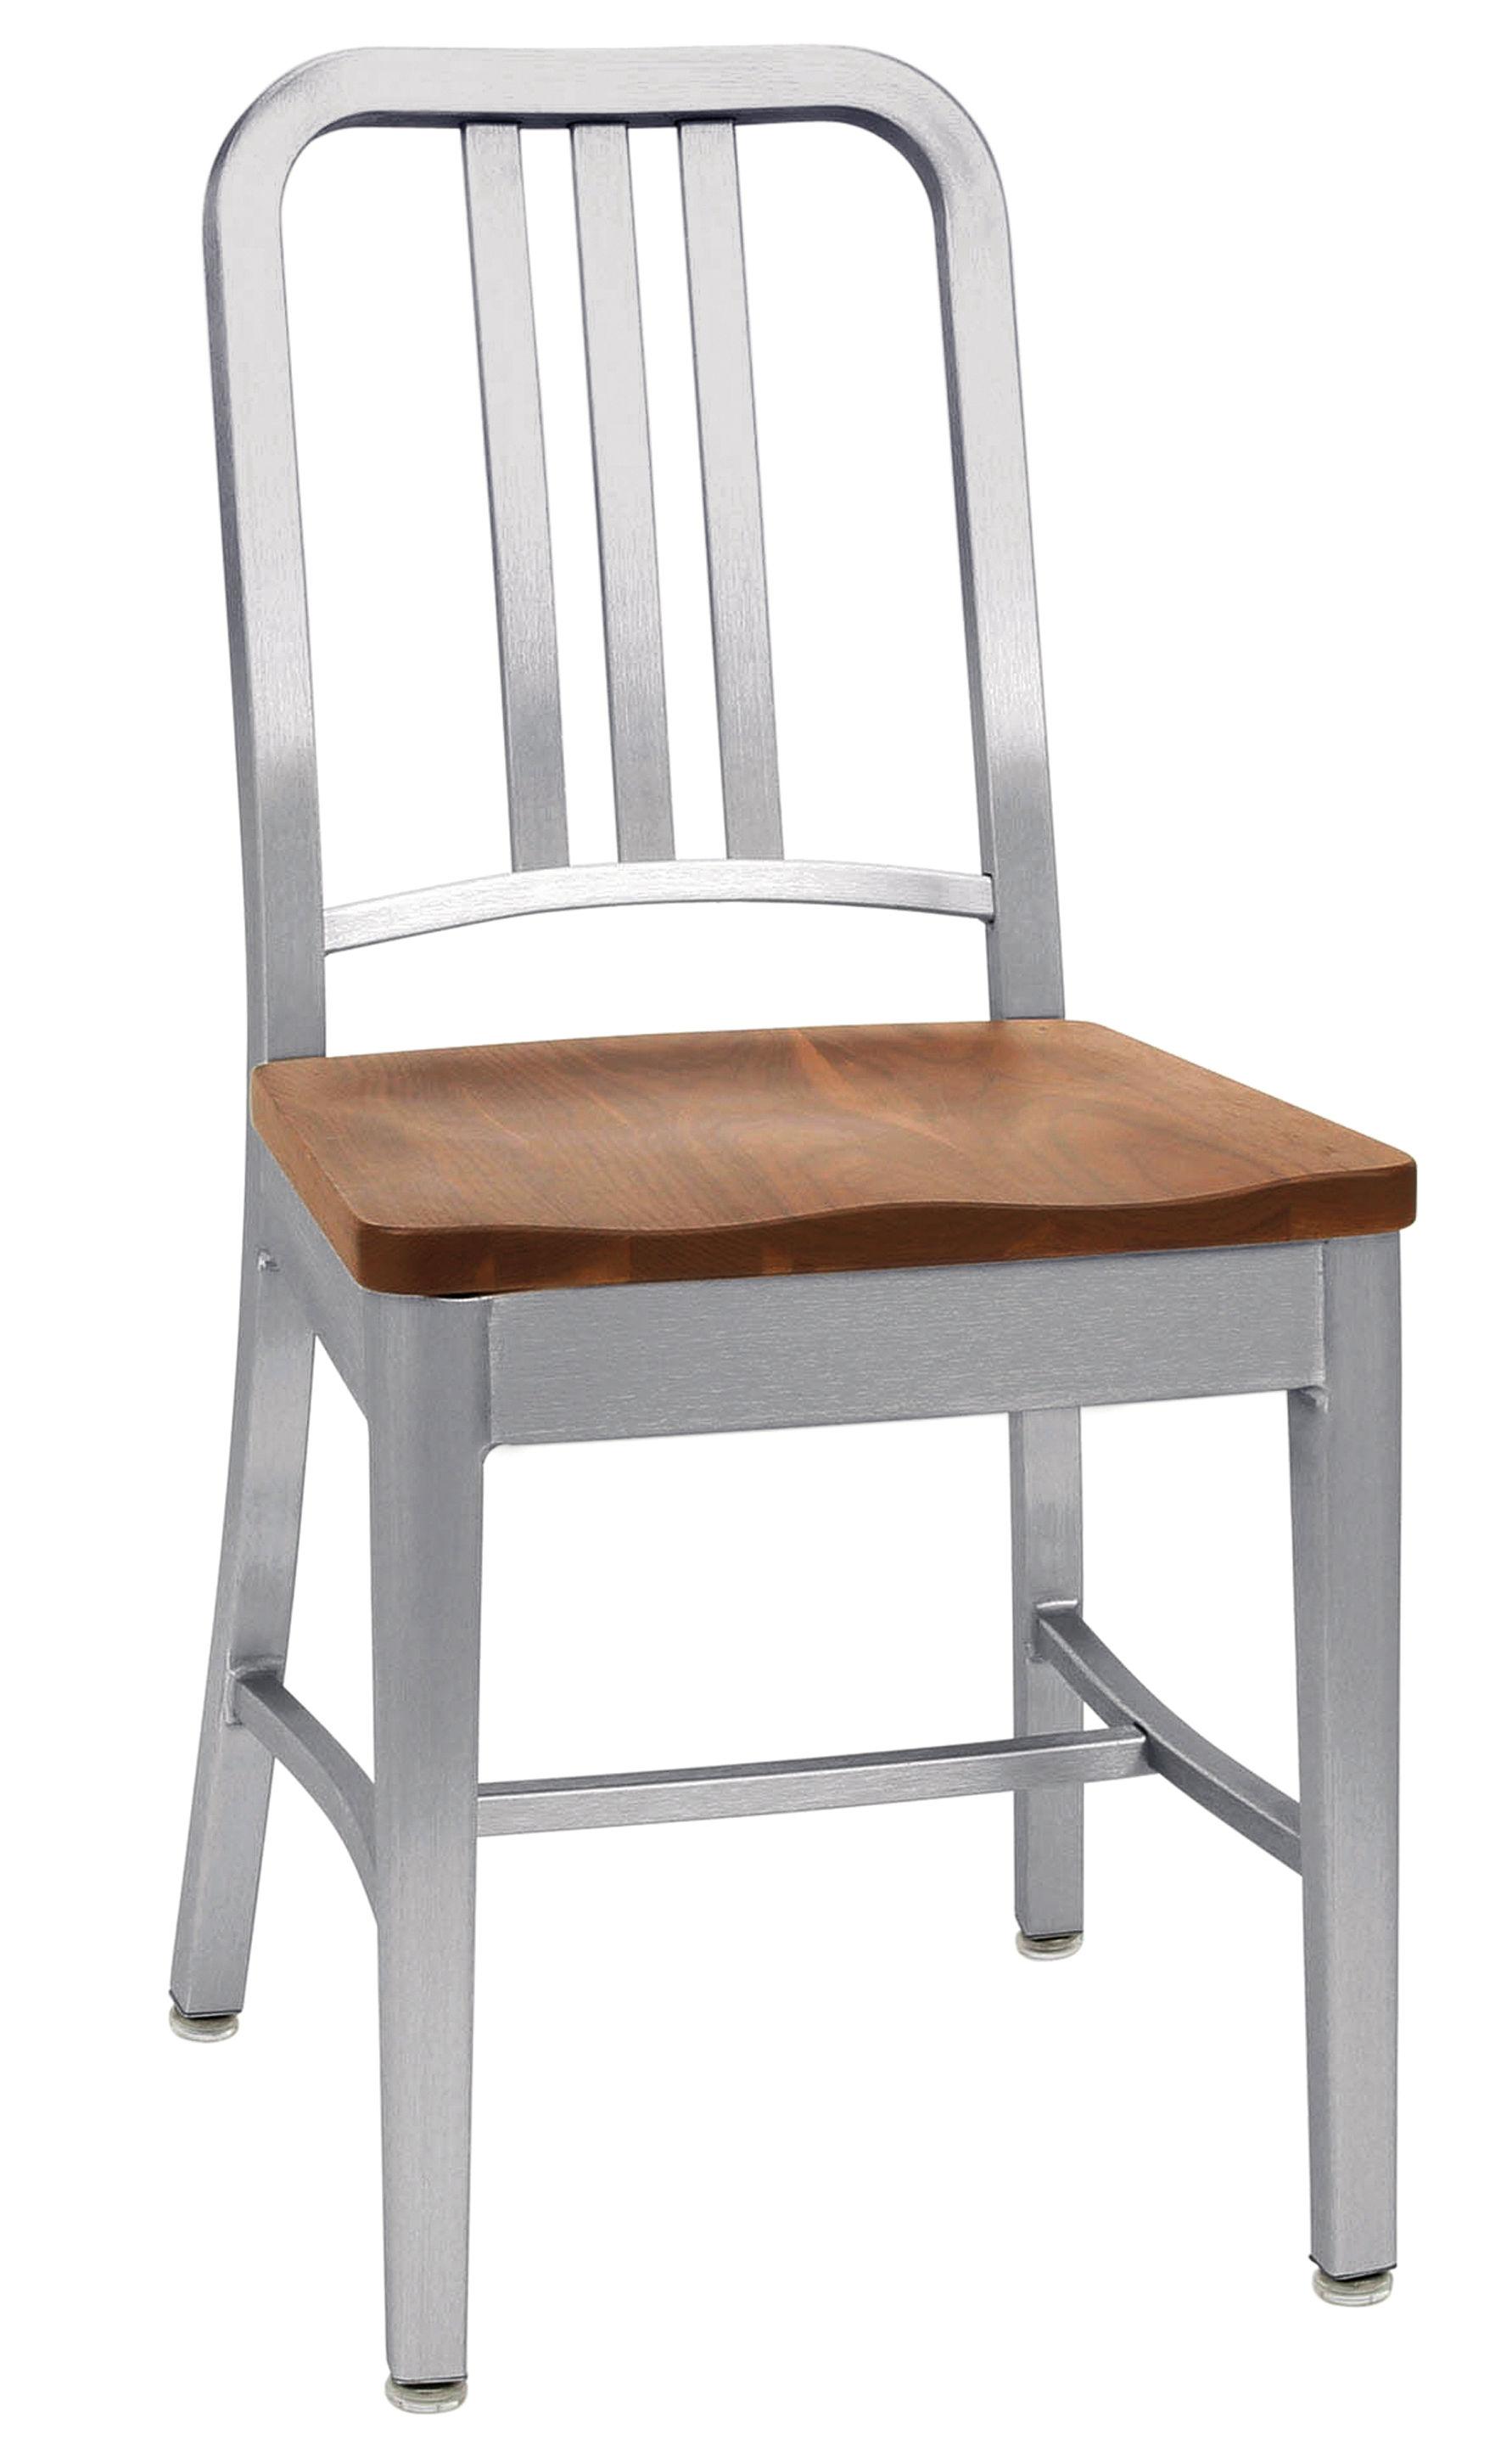 Arredamento - Sedie  - Sedia Navy - / Seduta in legno di Emeco - Noce / Alluminio opaco - Aluminium recyclé brossé, Noce massello